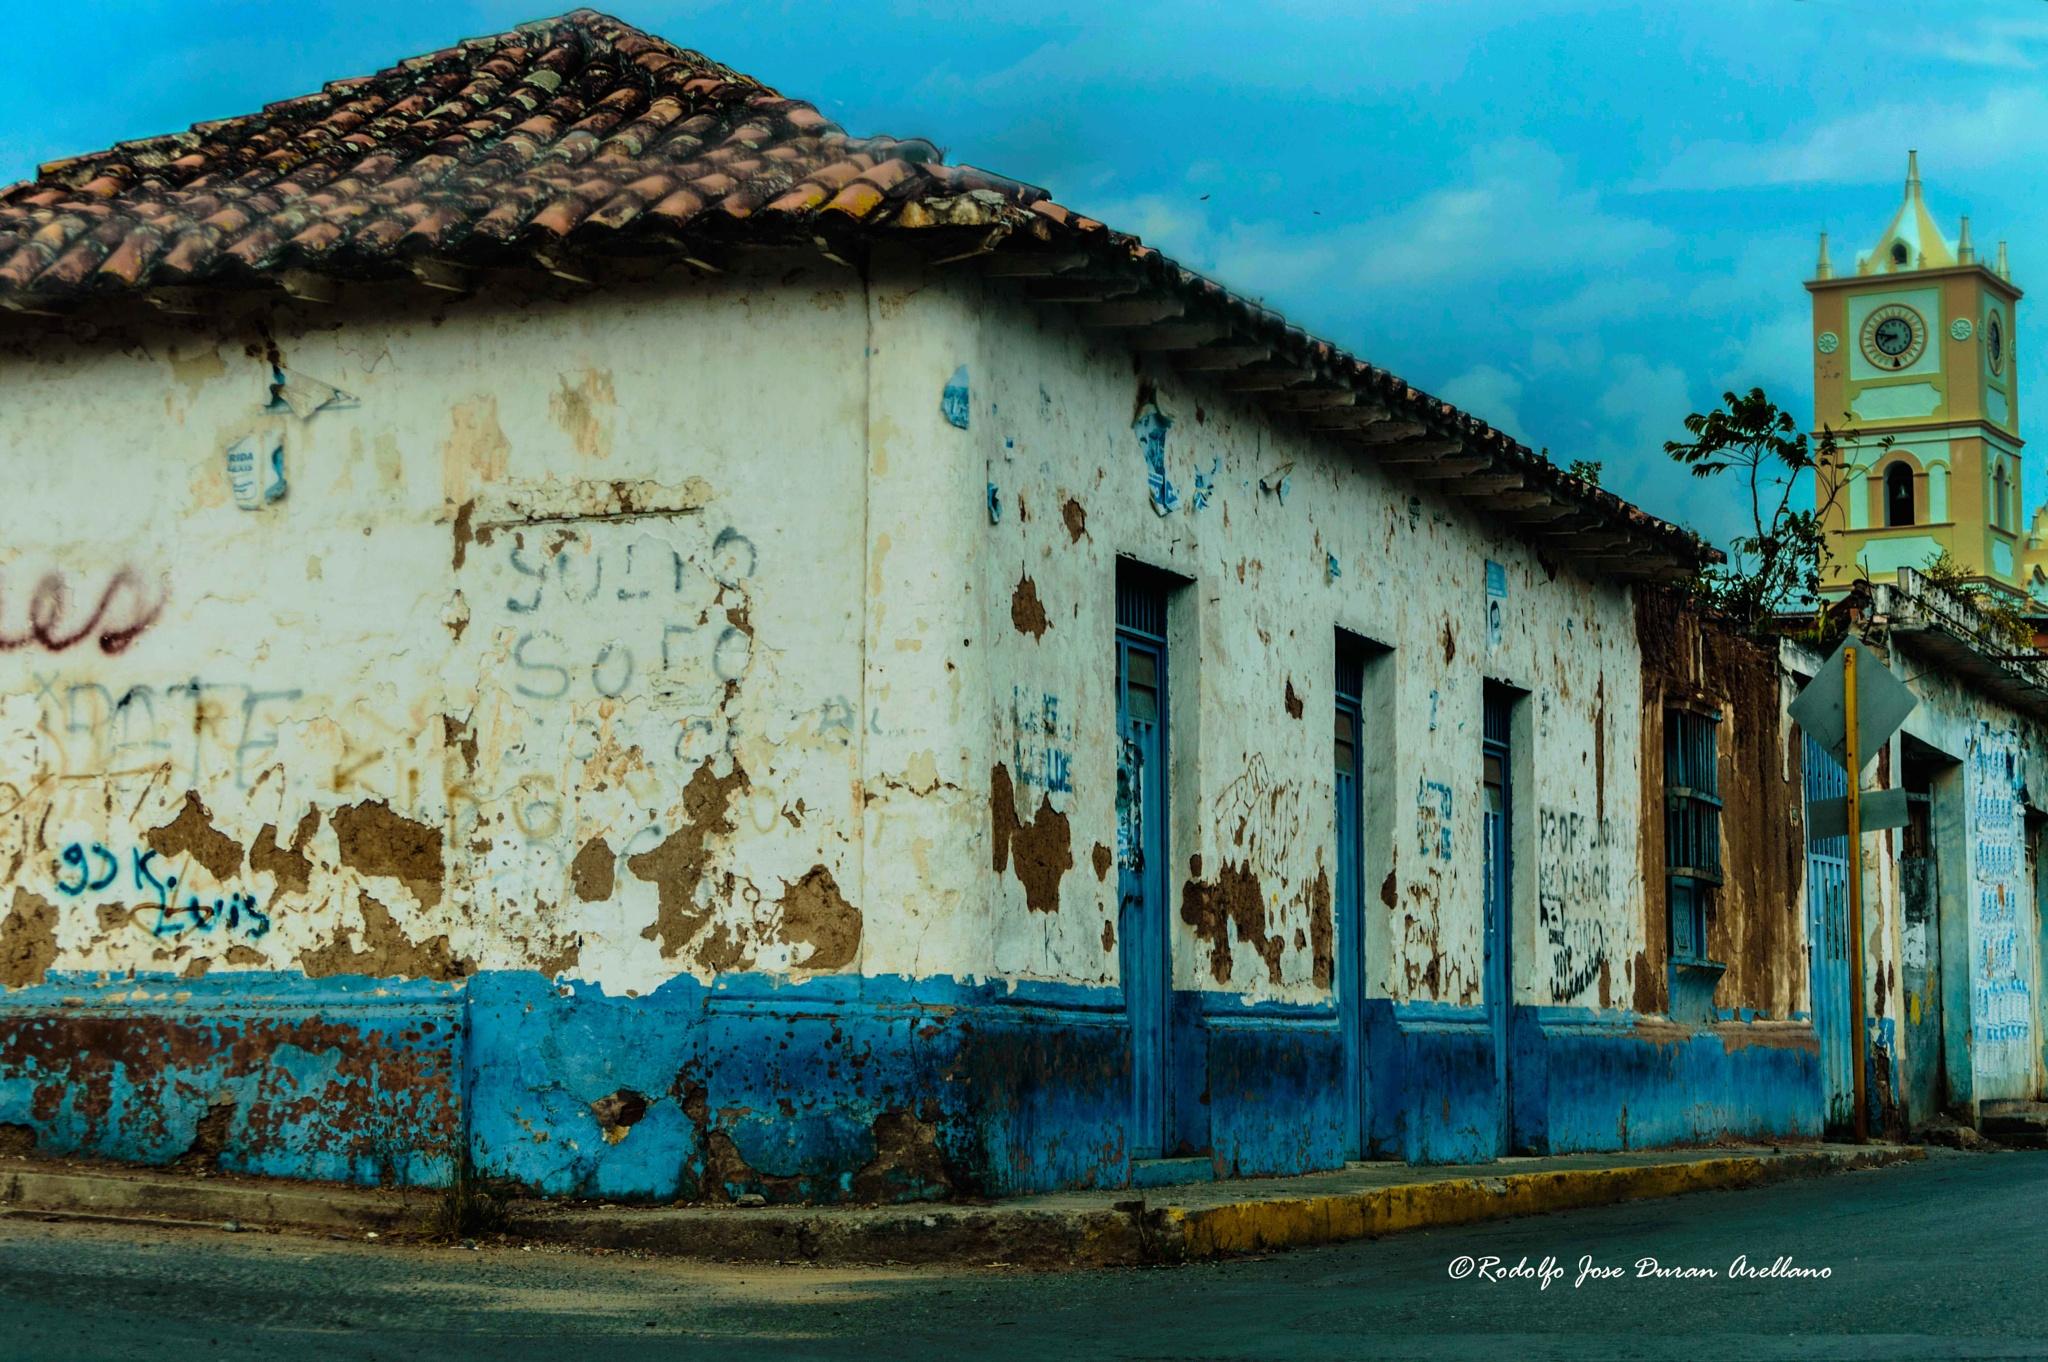 en el viejo san juan........................... by Rodolfo José Durán Arellano